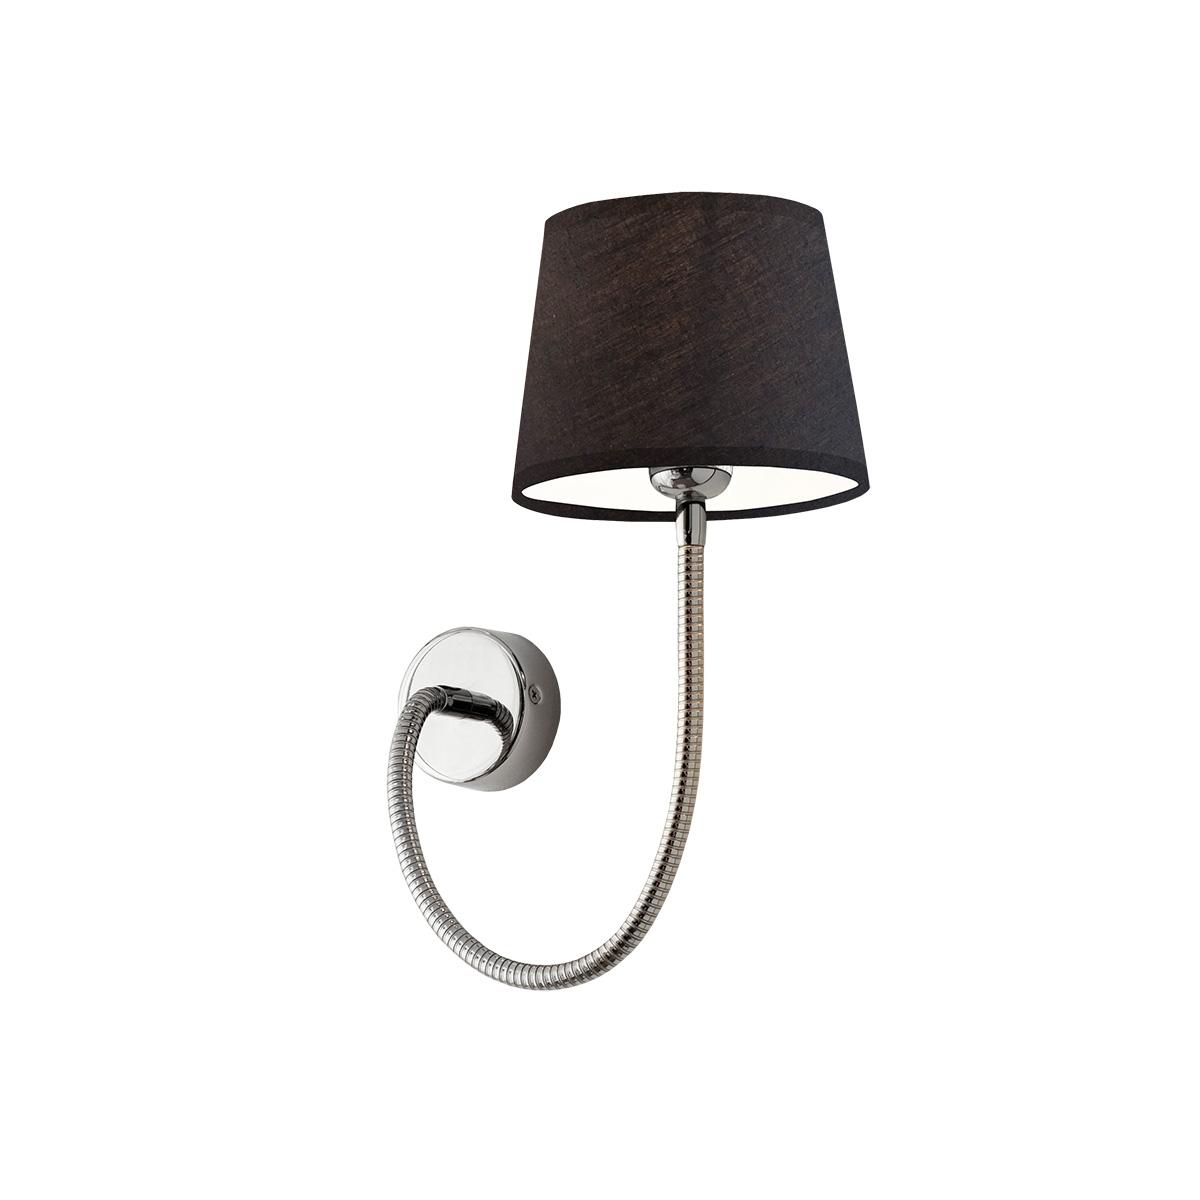 Μοντέρνα απλίκα με καπέλο FLEX modern wall lamp with shade